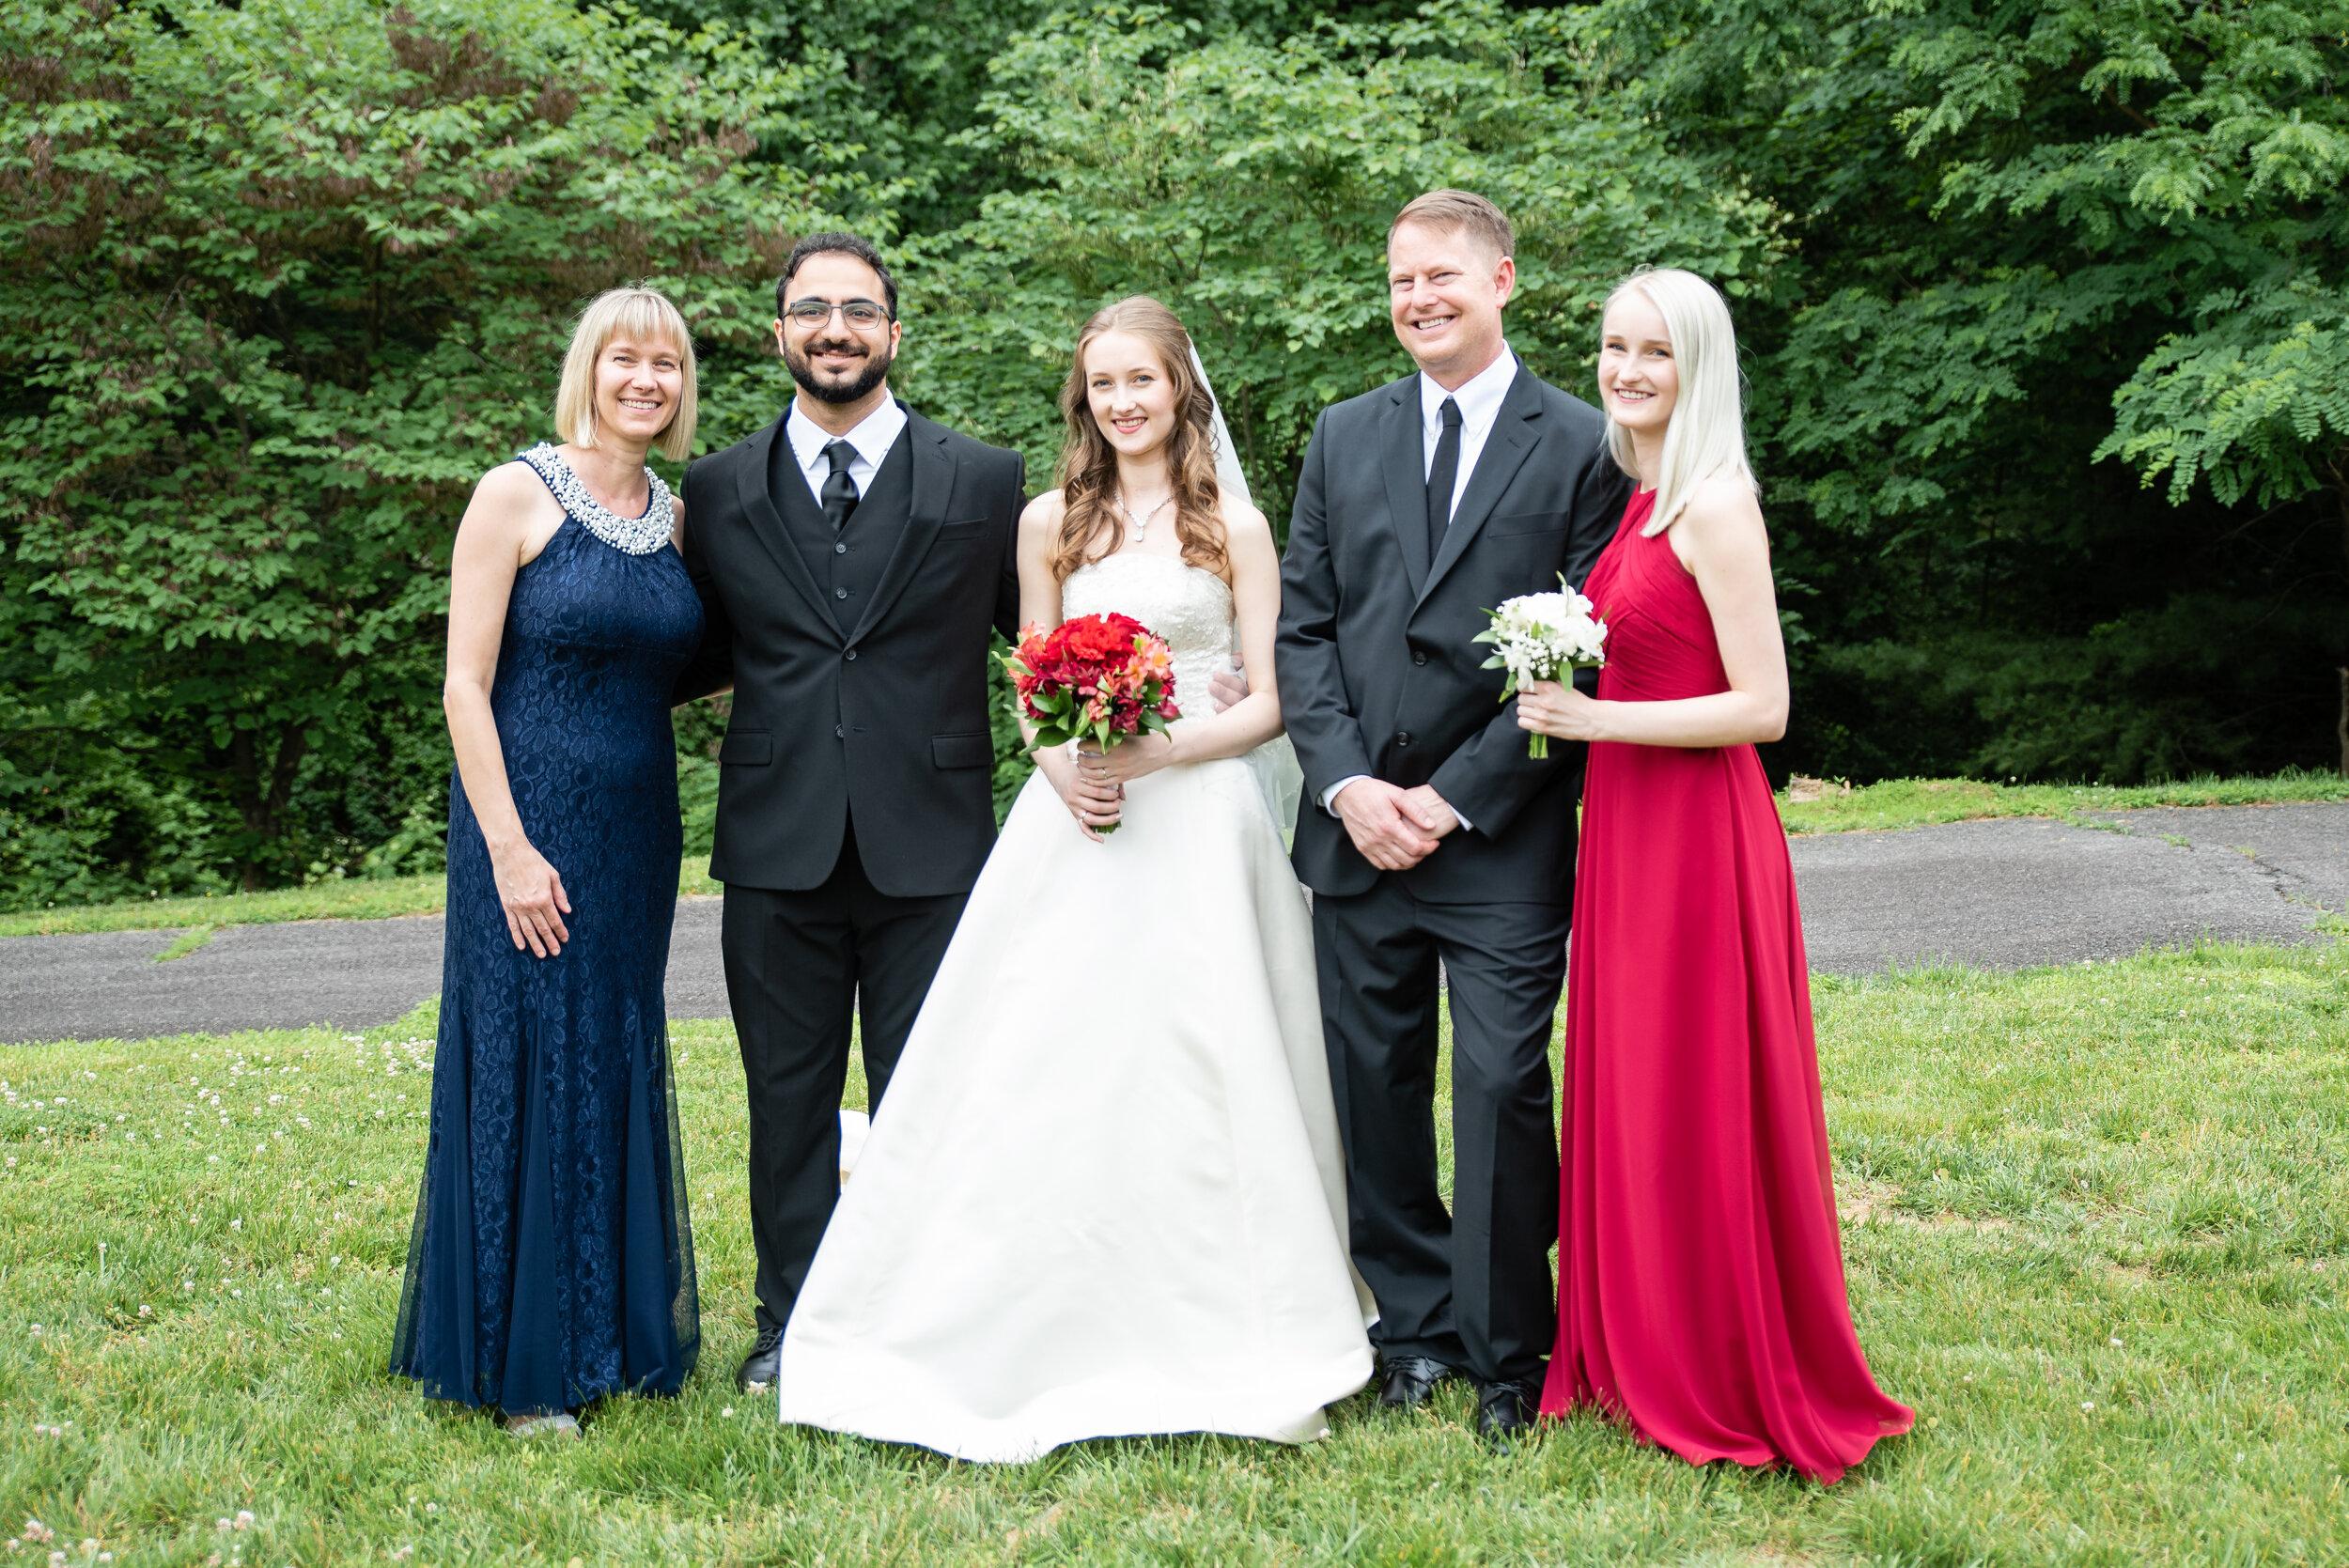 Kaitlyn-Davood-Wedding_7June2019-49.jpg